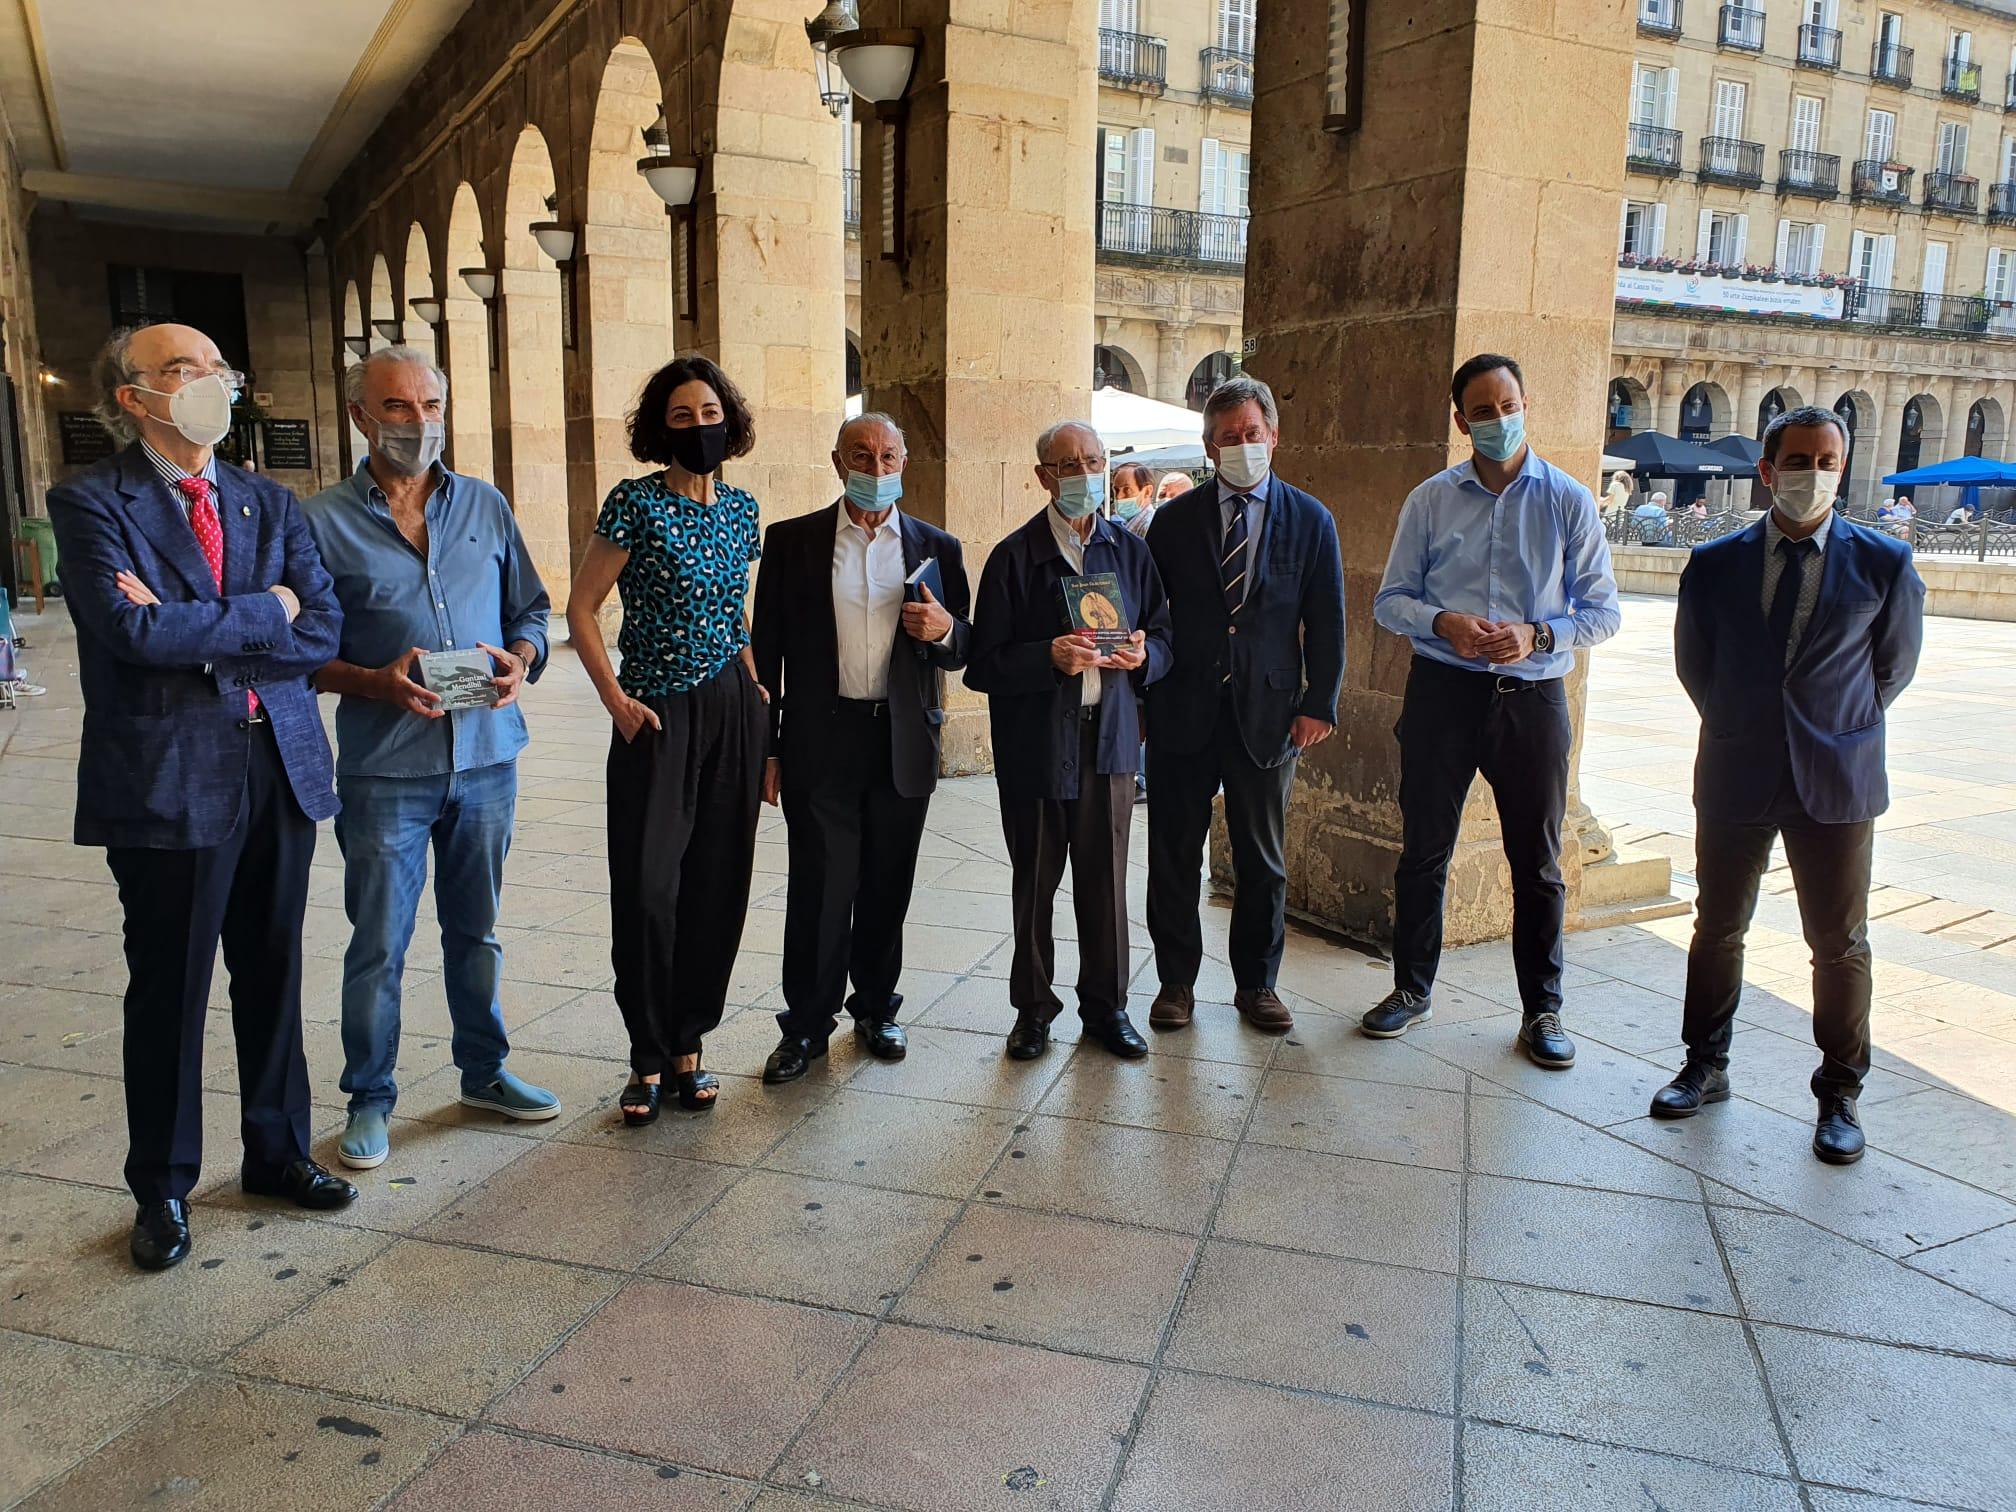 Bingen Zupiria participa en la presentación de las obras completas de San Juan de La  Cruz traducidas al euskera por el poeta carmelita Luis Baraiazarra [26:09]